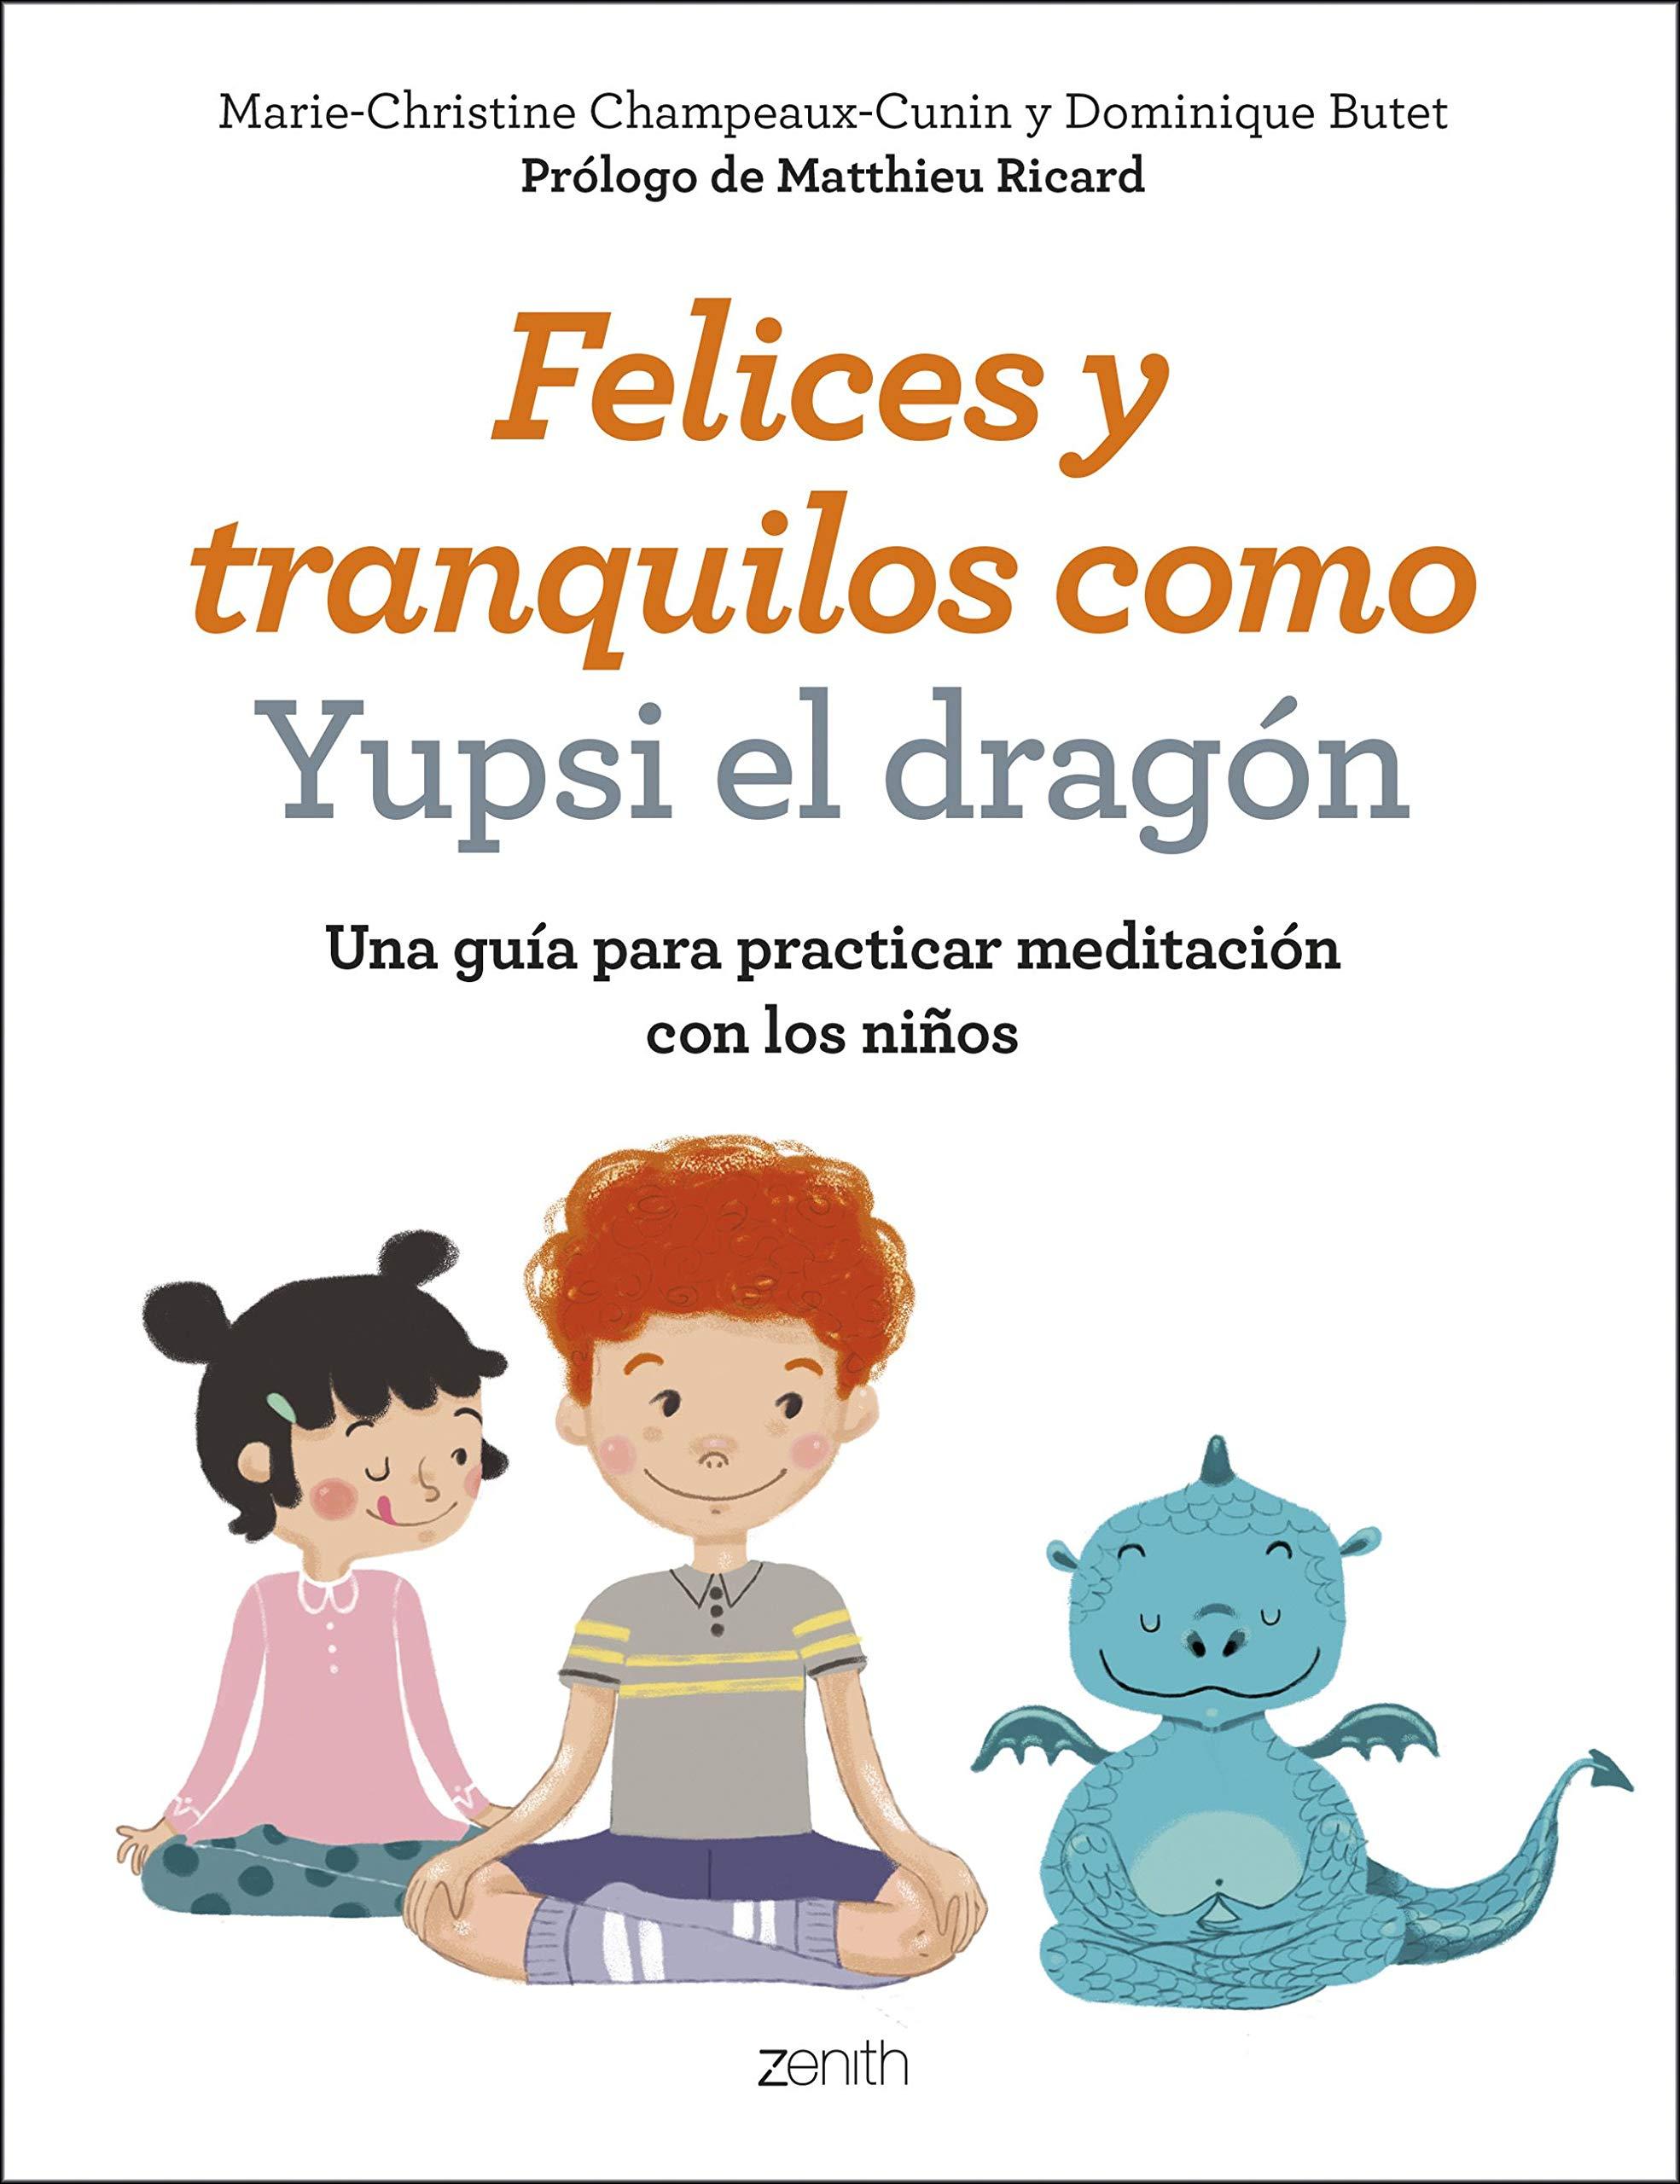 Felices y tranquilos como Yupsi el dragón: Una guía para practicar  meditación con los niños Superpapás: Amazon.es: Marie-Christine  Champeaux-Cunin, ...